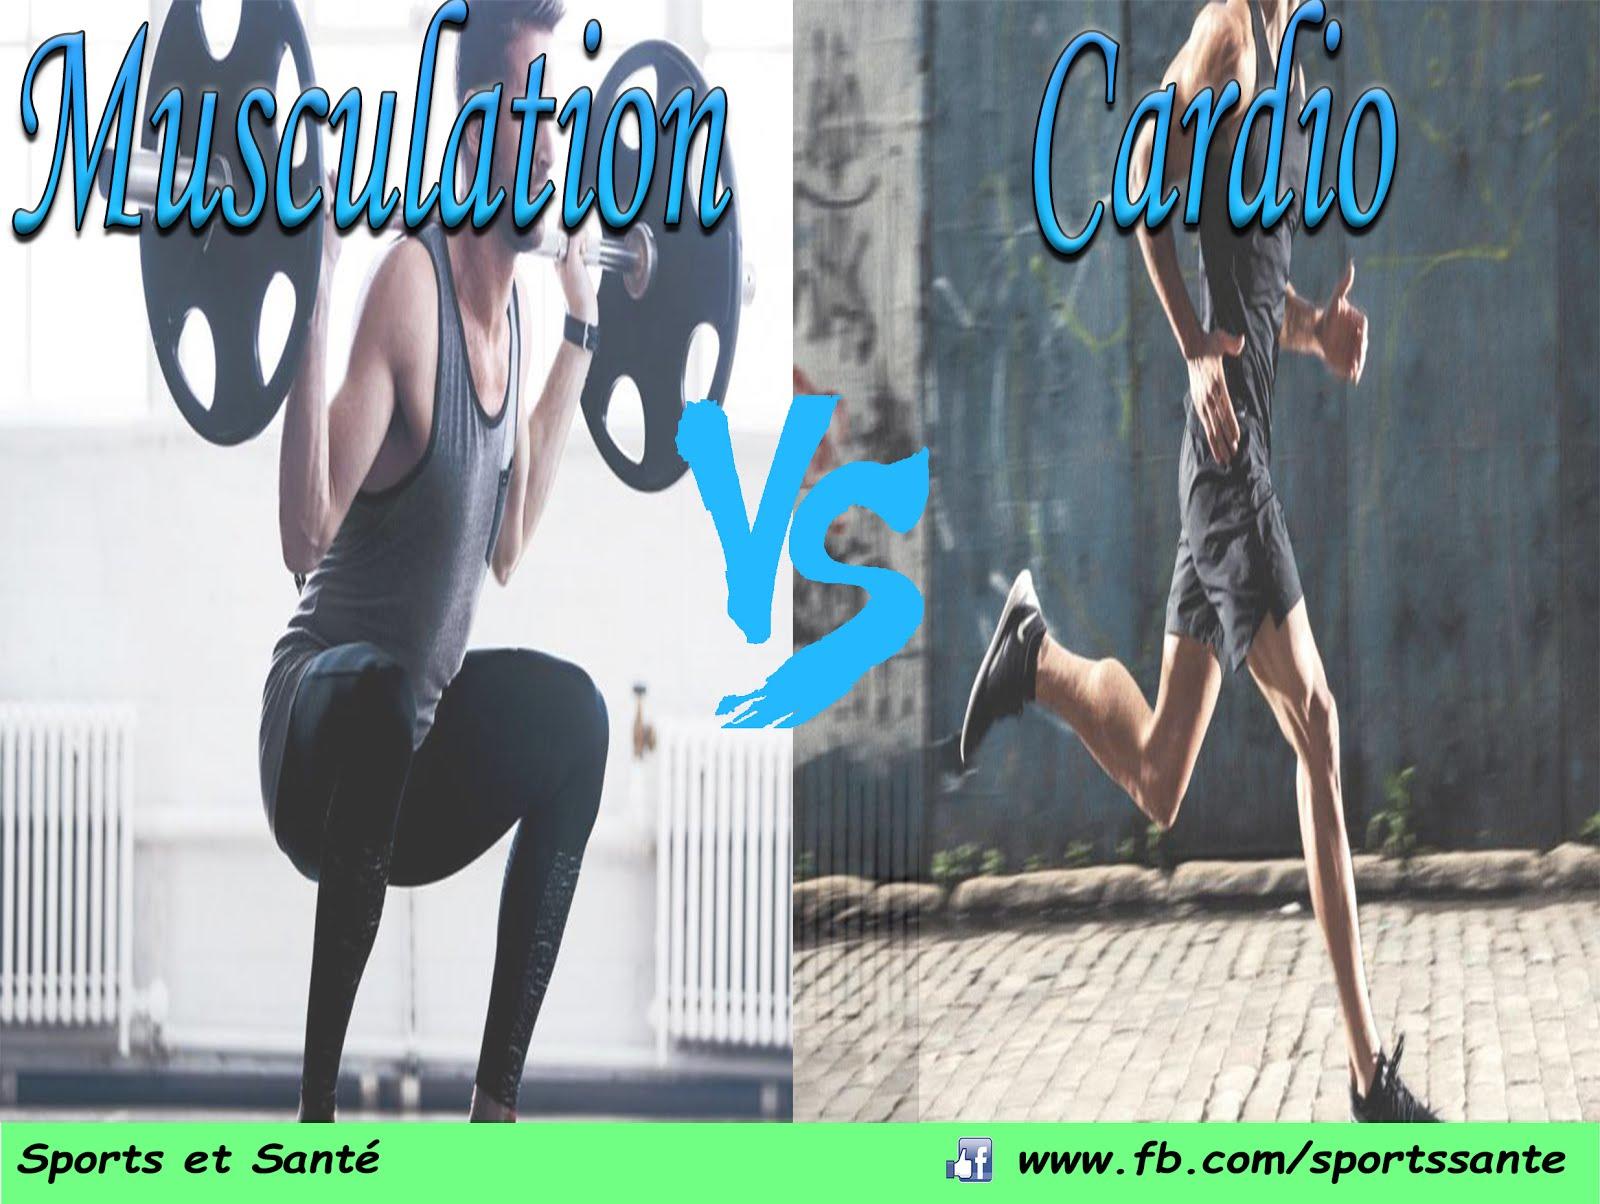 cardio vs musculation quel est le meilleur pour la perte de poids sports et sant. Black Bedroom Furniture Sets. Home Design Ideas